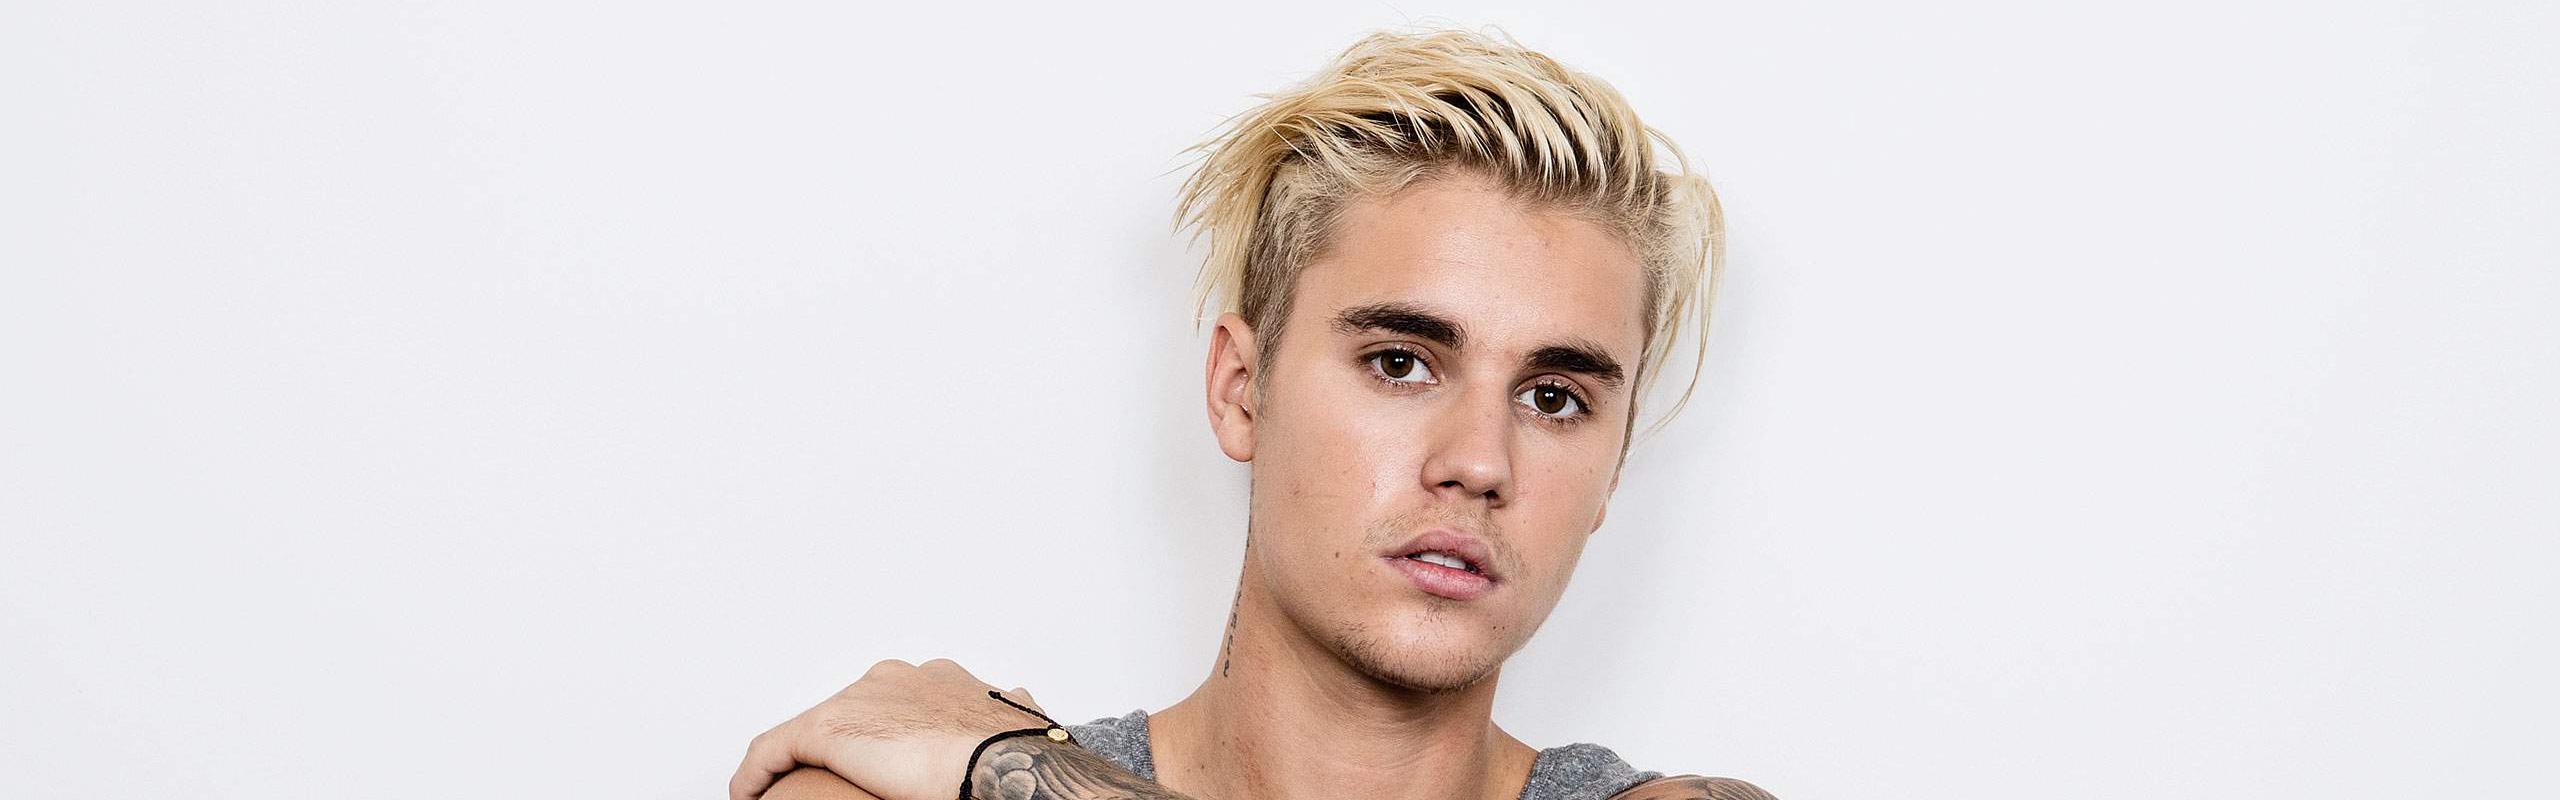 Justin bieber header